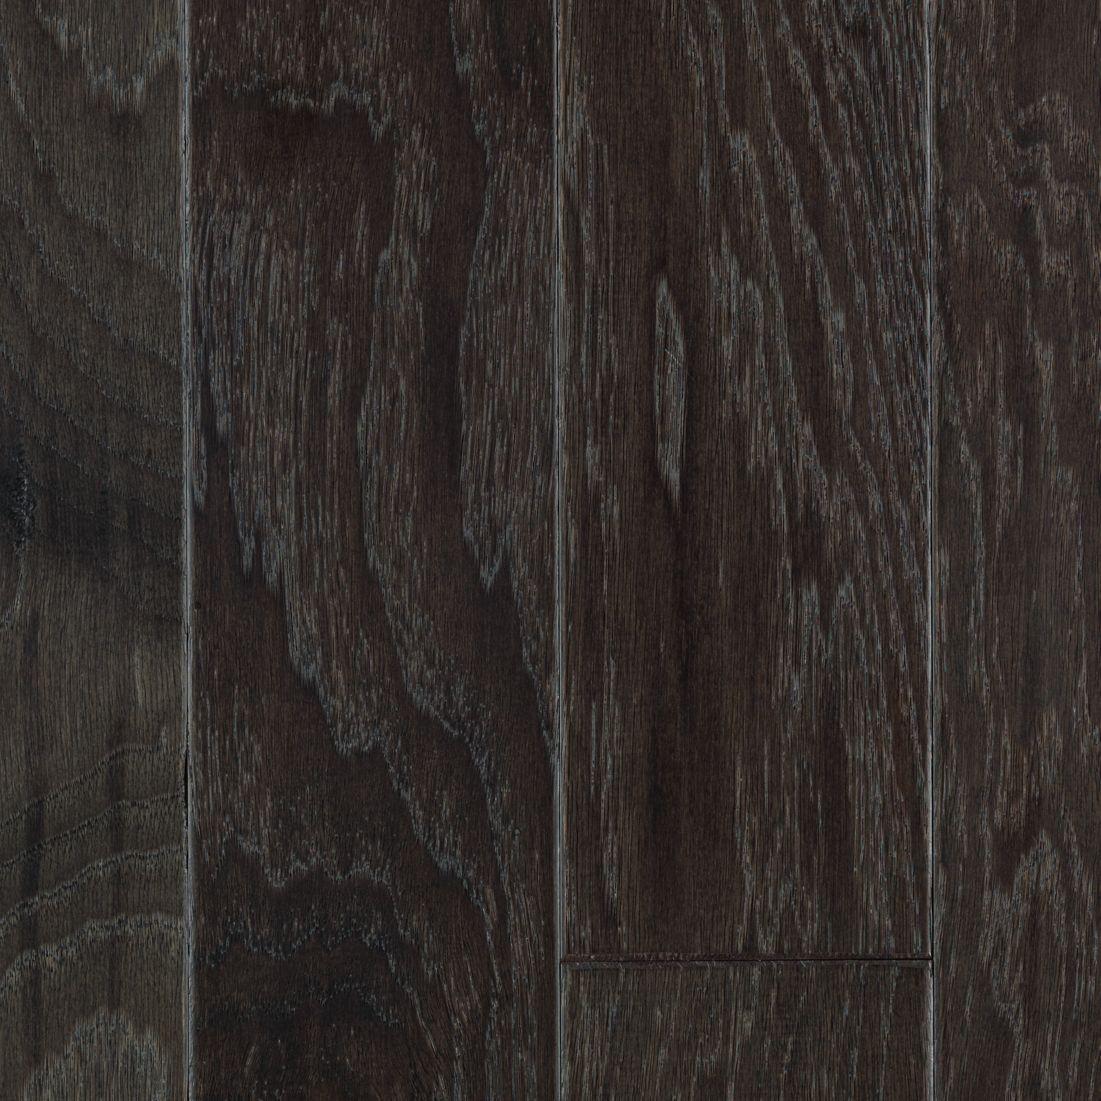 Hardwood AthertonHickory WEC73-9 StoneHickory